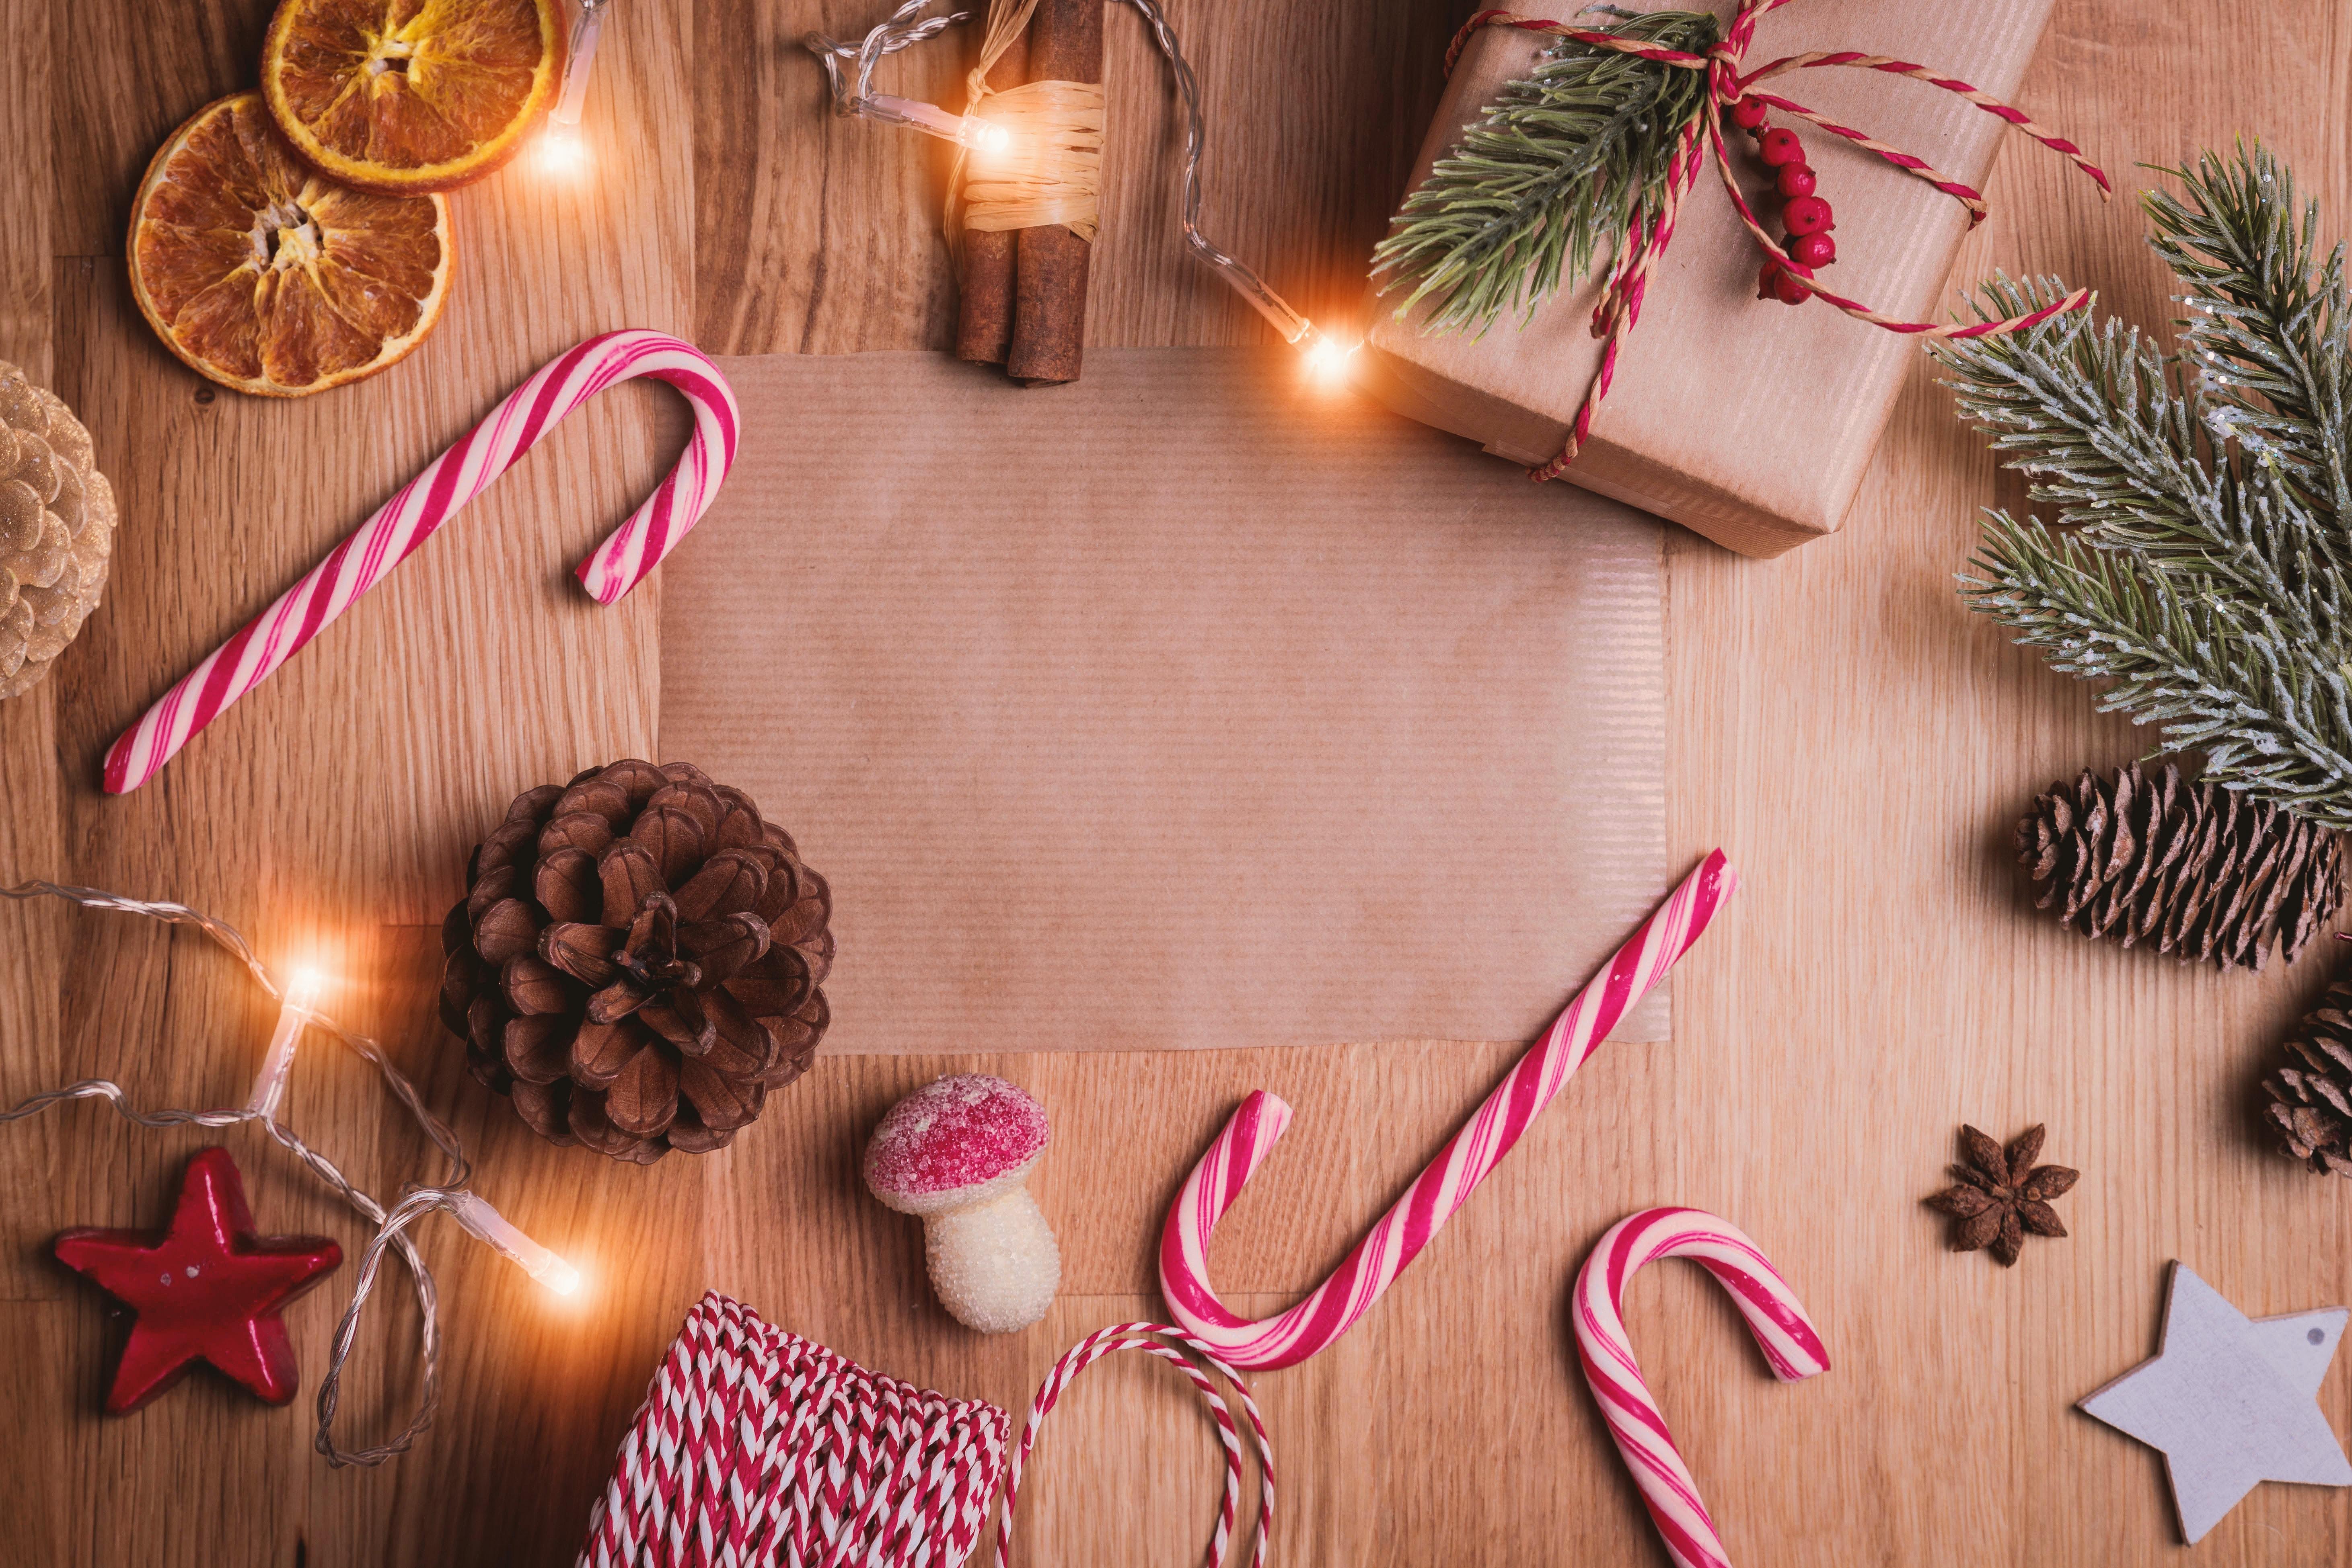 クリスマスの飾り付けアイデア集49選【2019】お部屋をおしゃれに決めよう♪